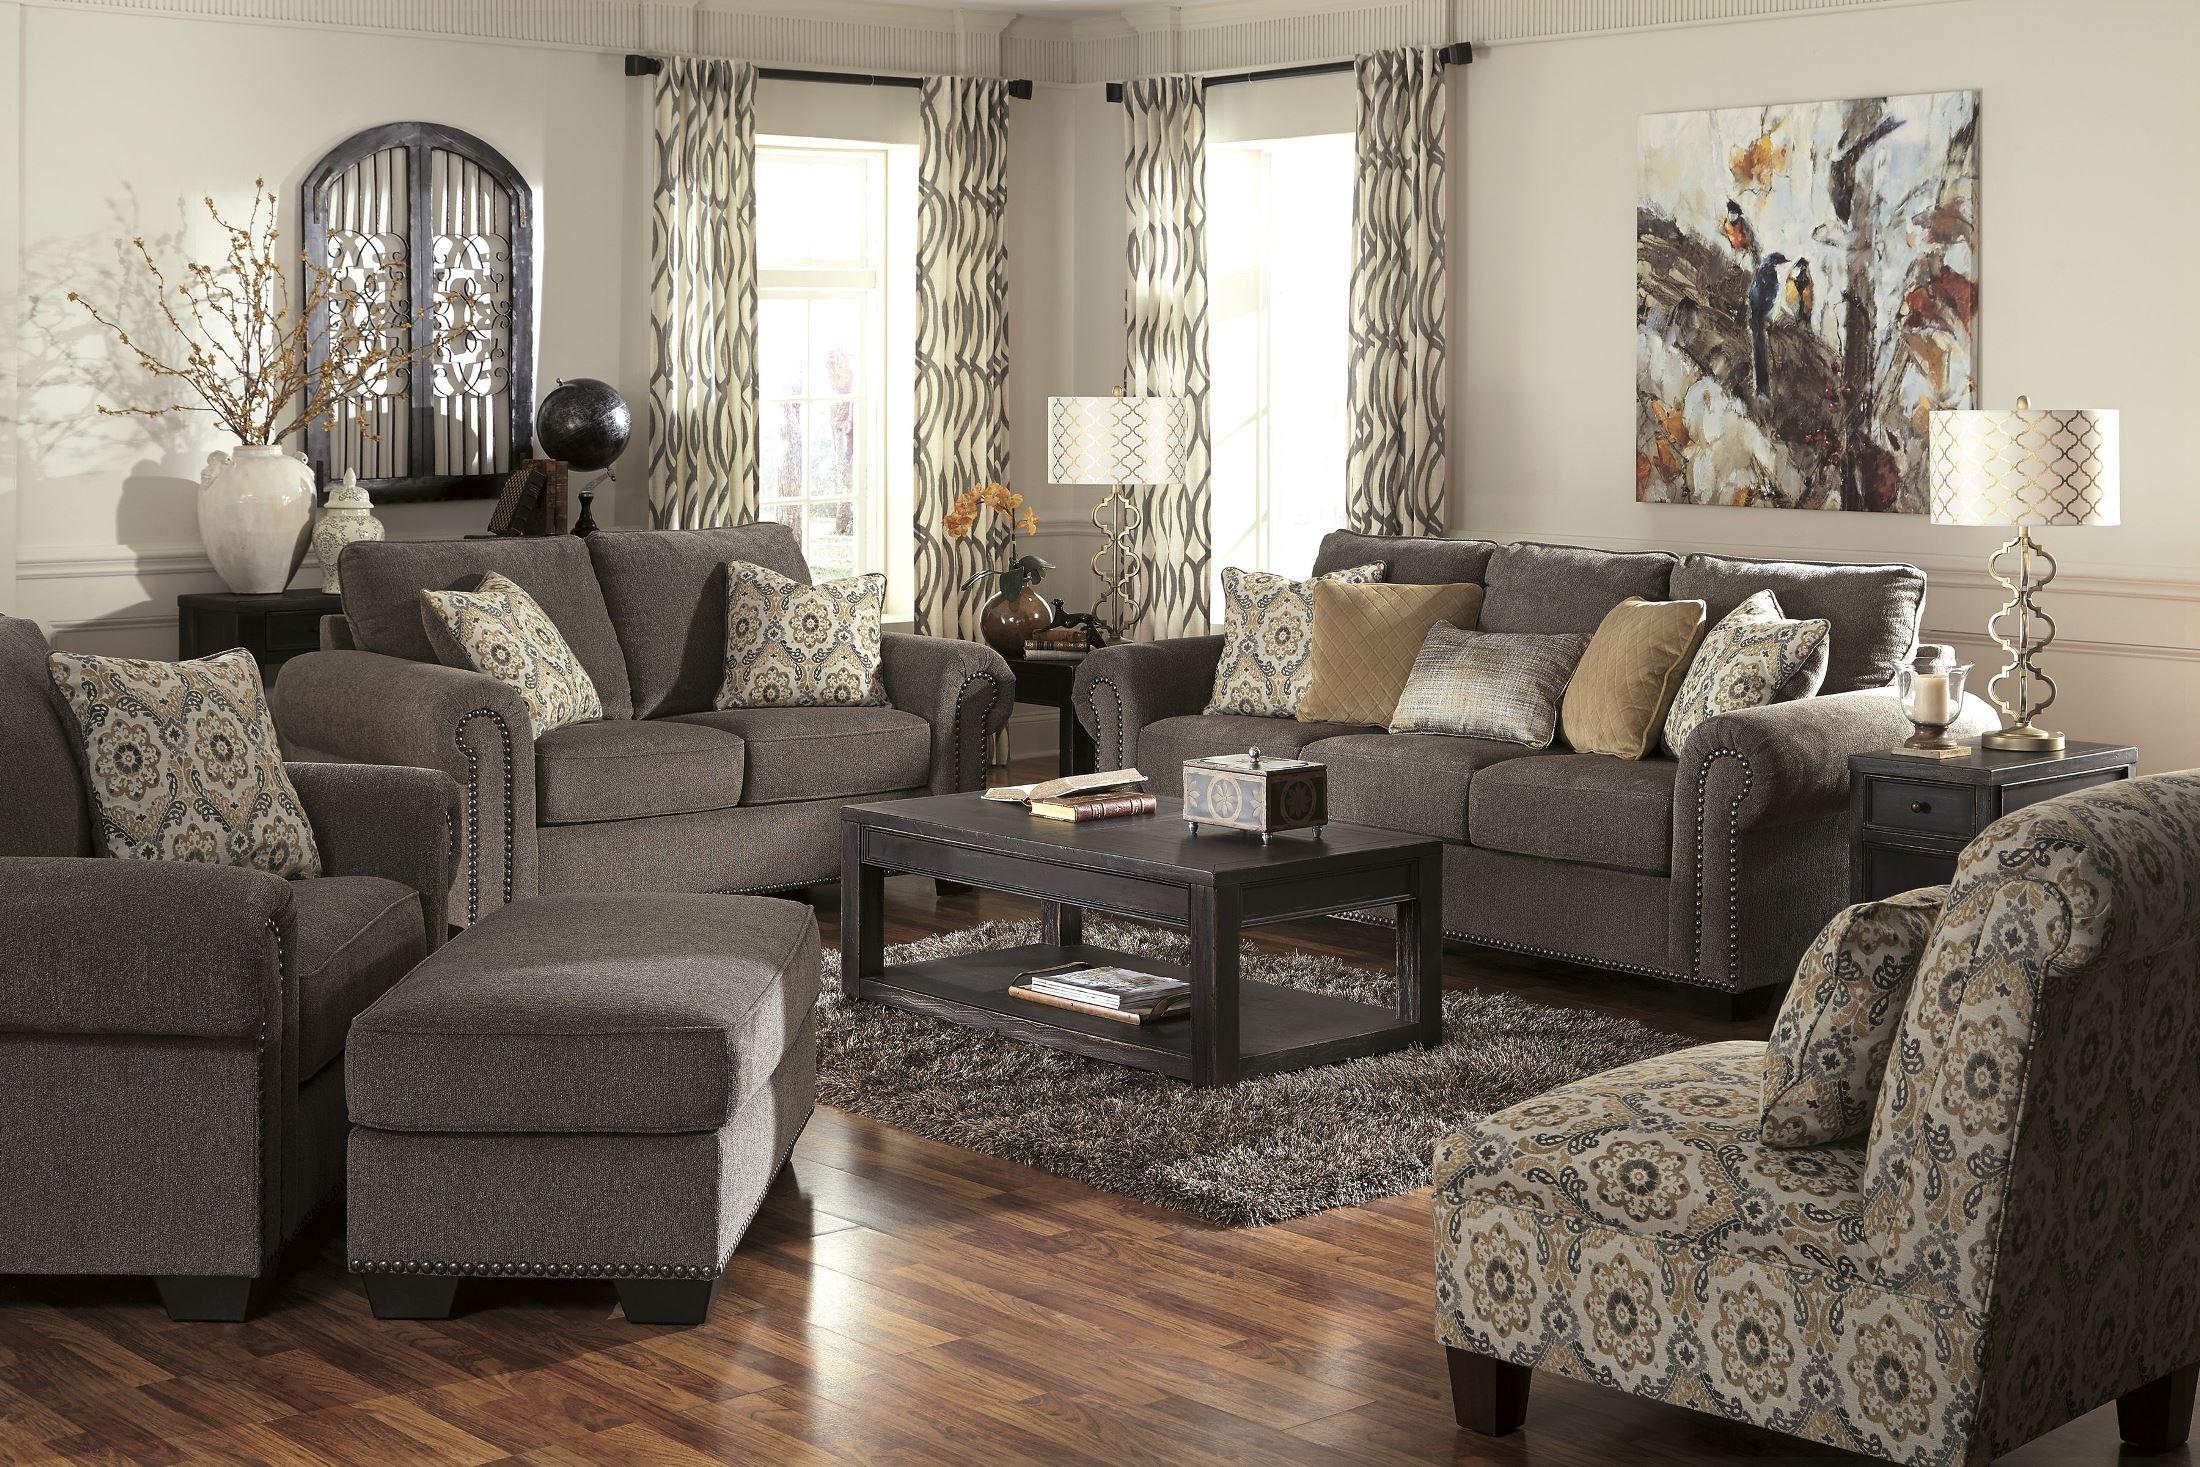 emelen alloy living room set from ashley  45600